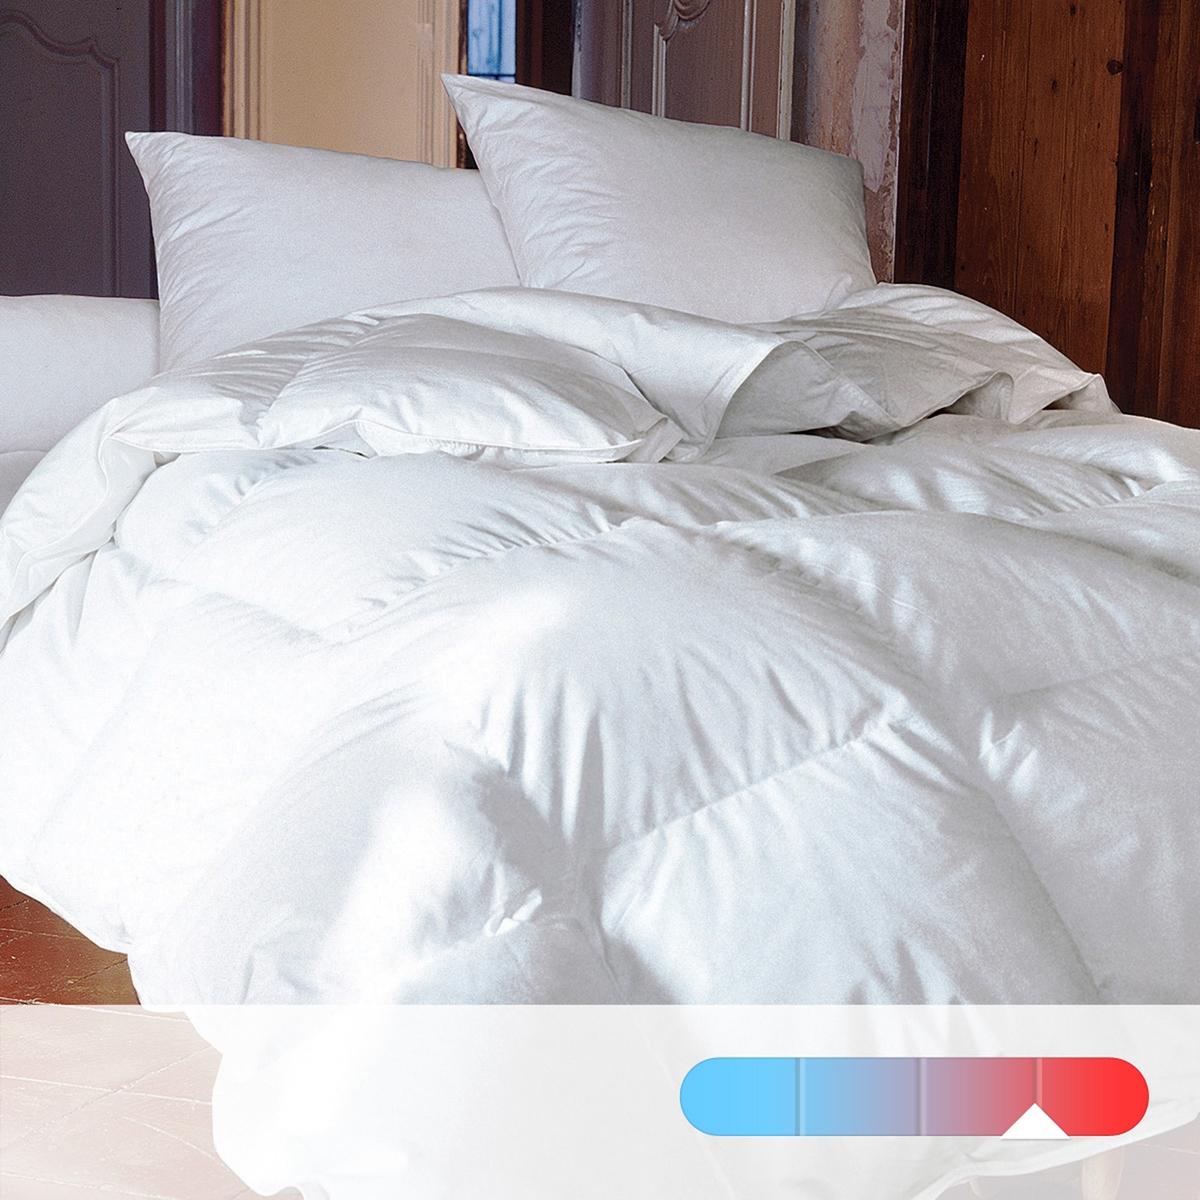 Фото - Одеяло LaRedoute Натуральное Rverie Prestige 70 пуха 140 x 200 см белый одеяло laredoute pratique 100 полиэстер высшего качества 200 x 200 см белый